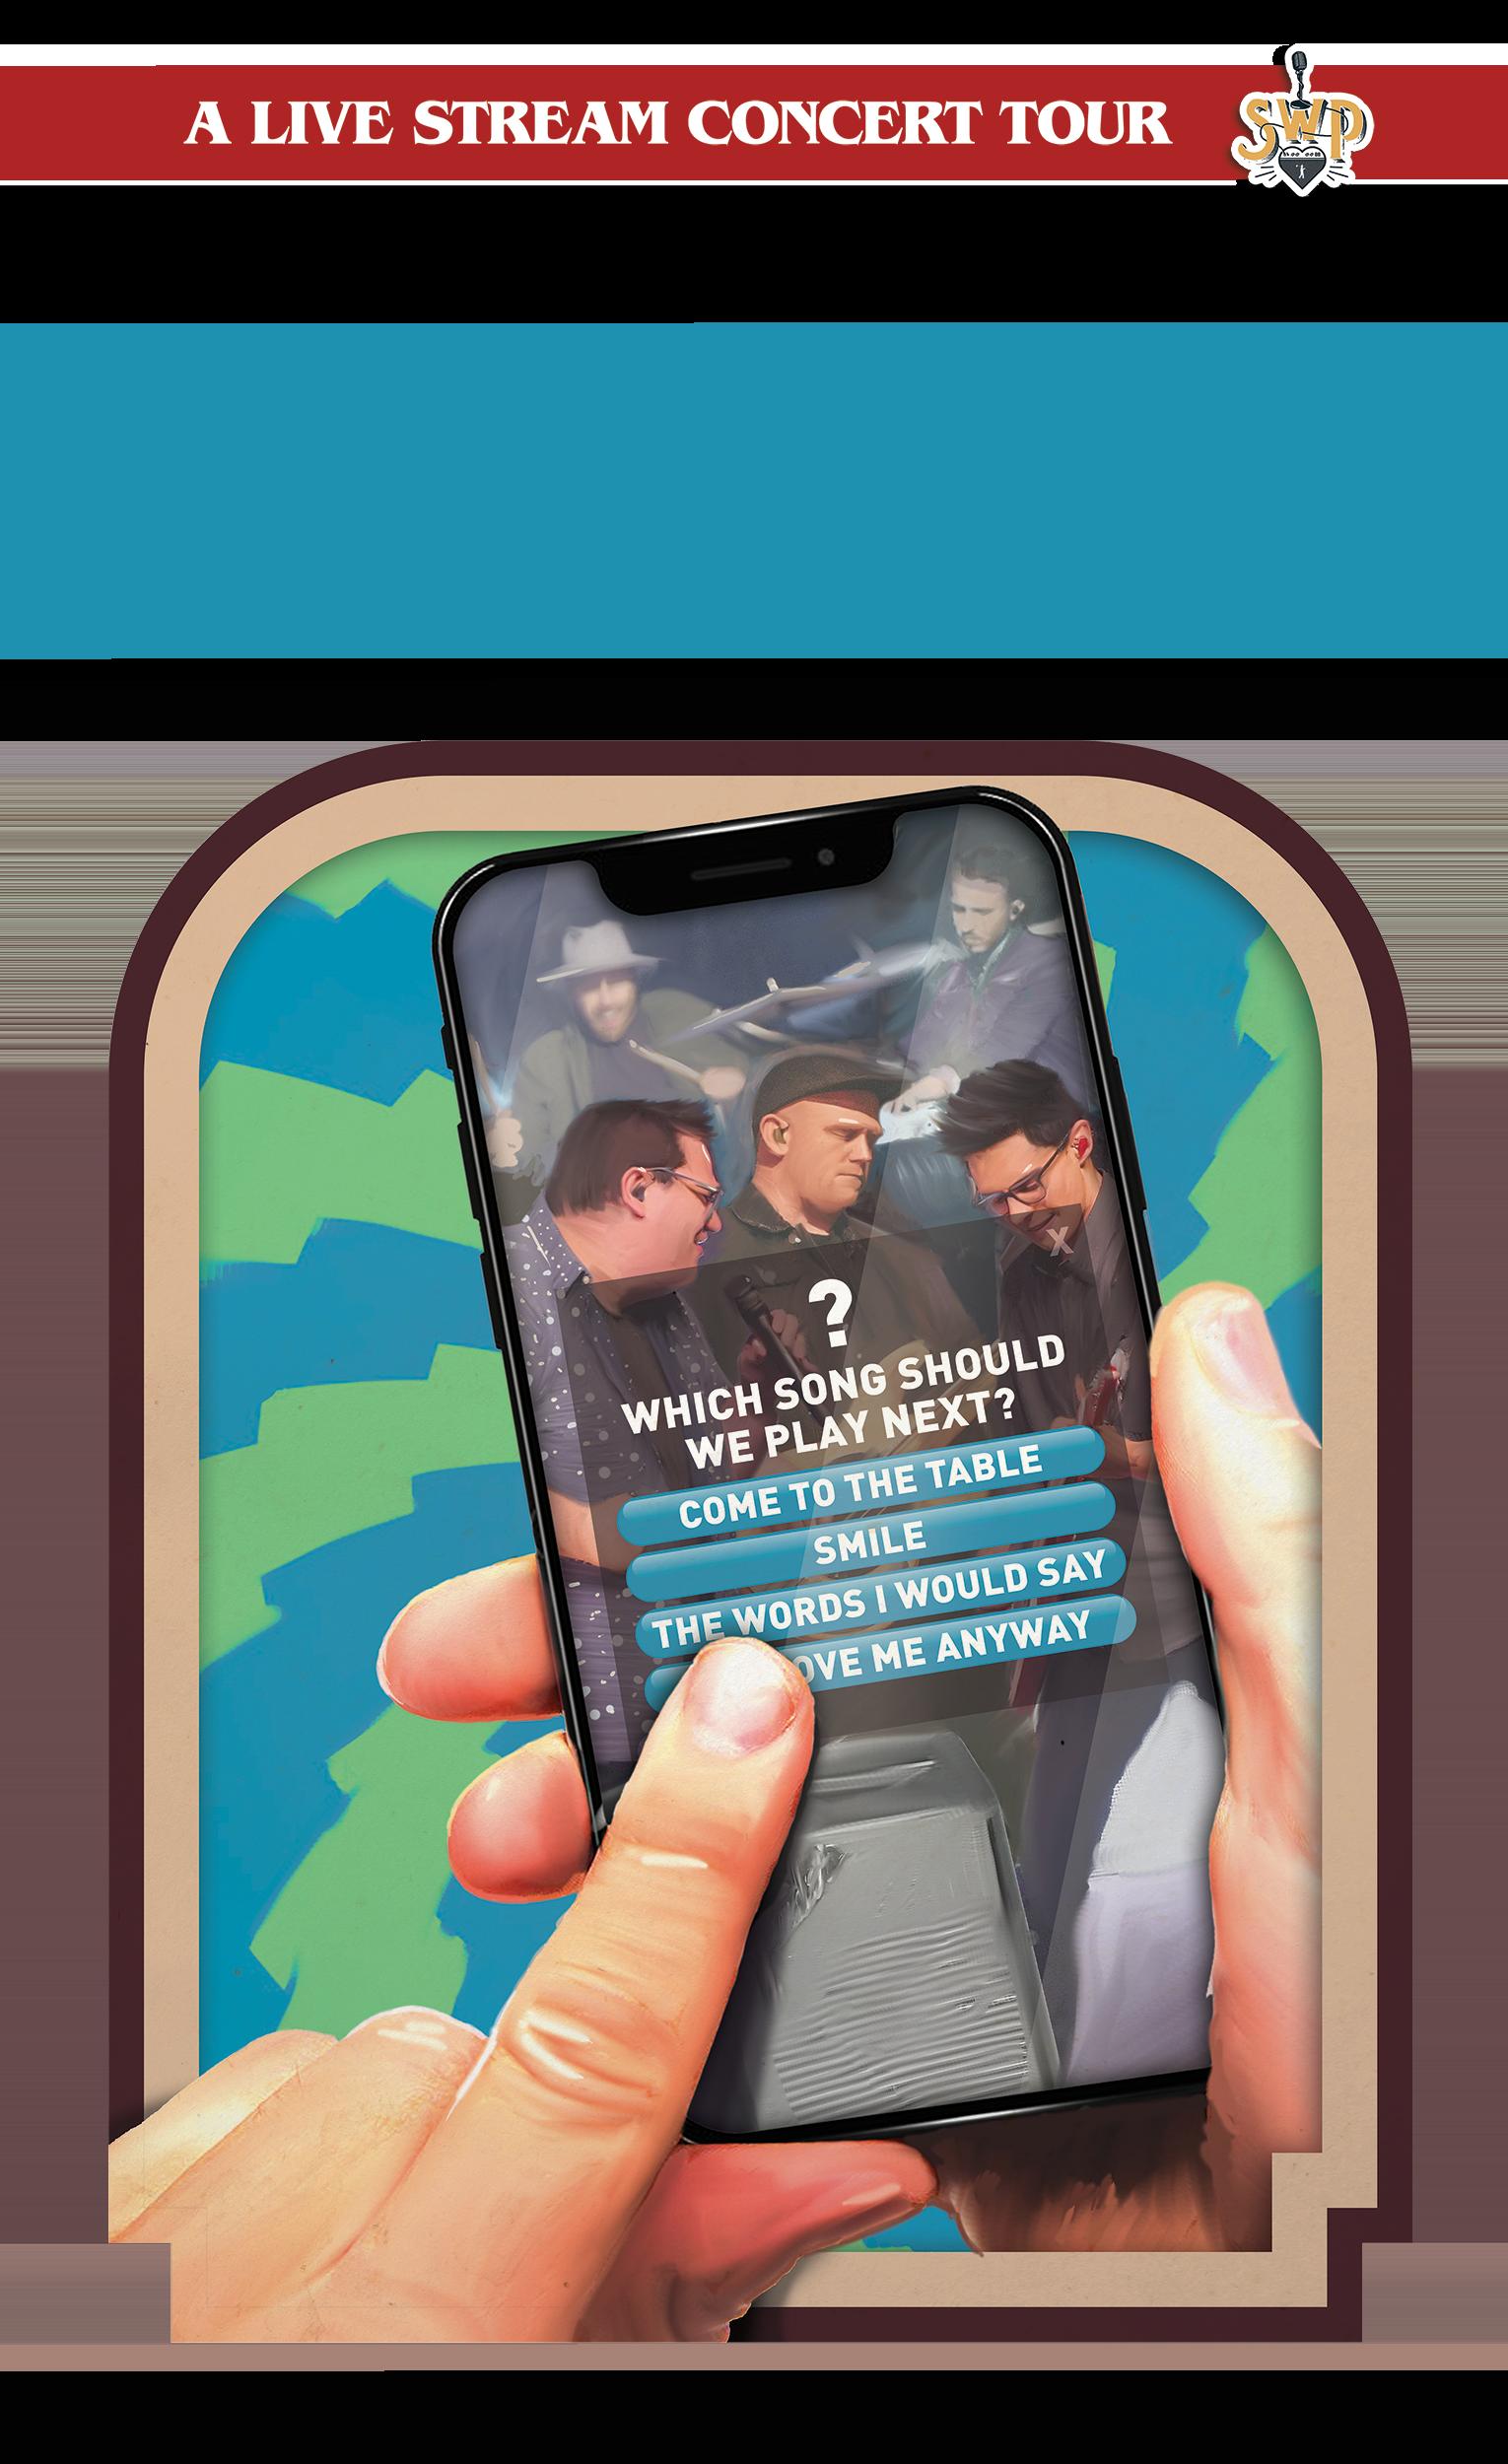 chosen-tour-tall-nobg